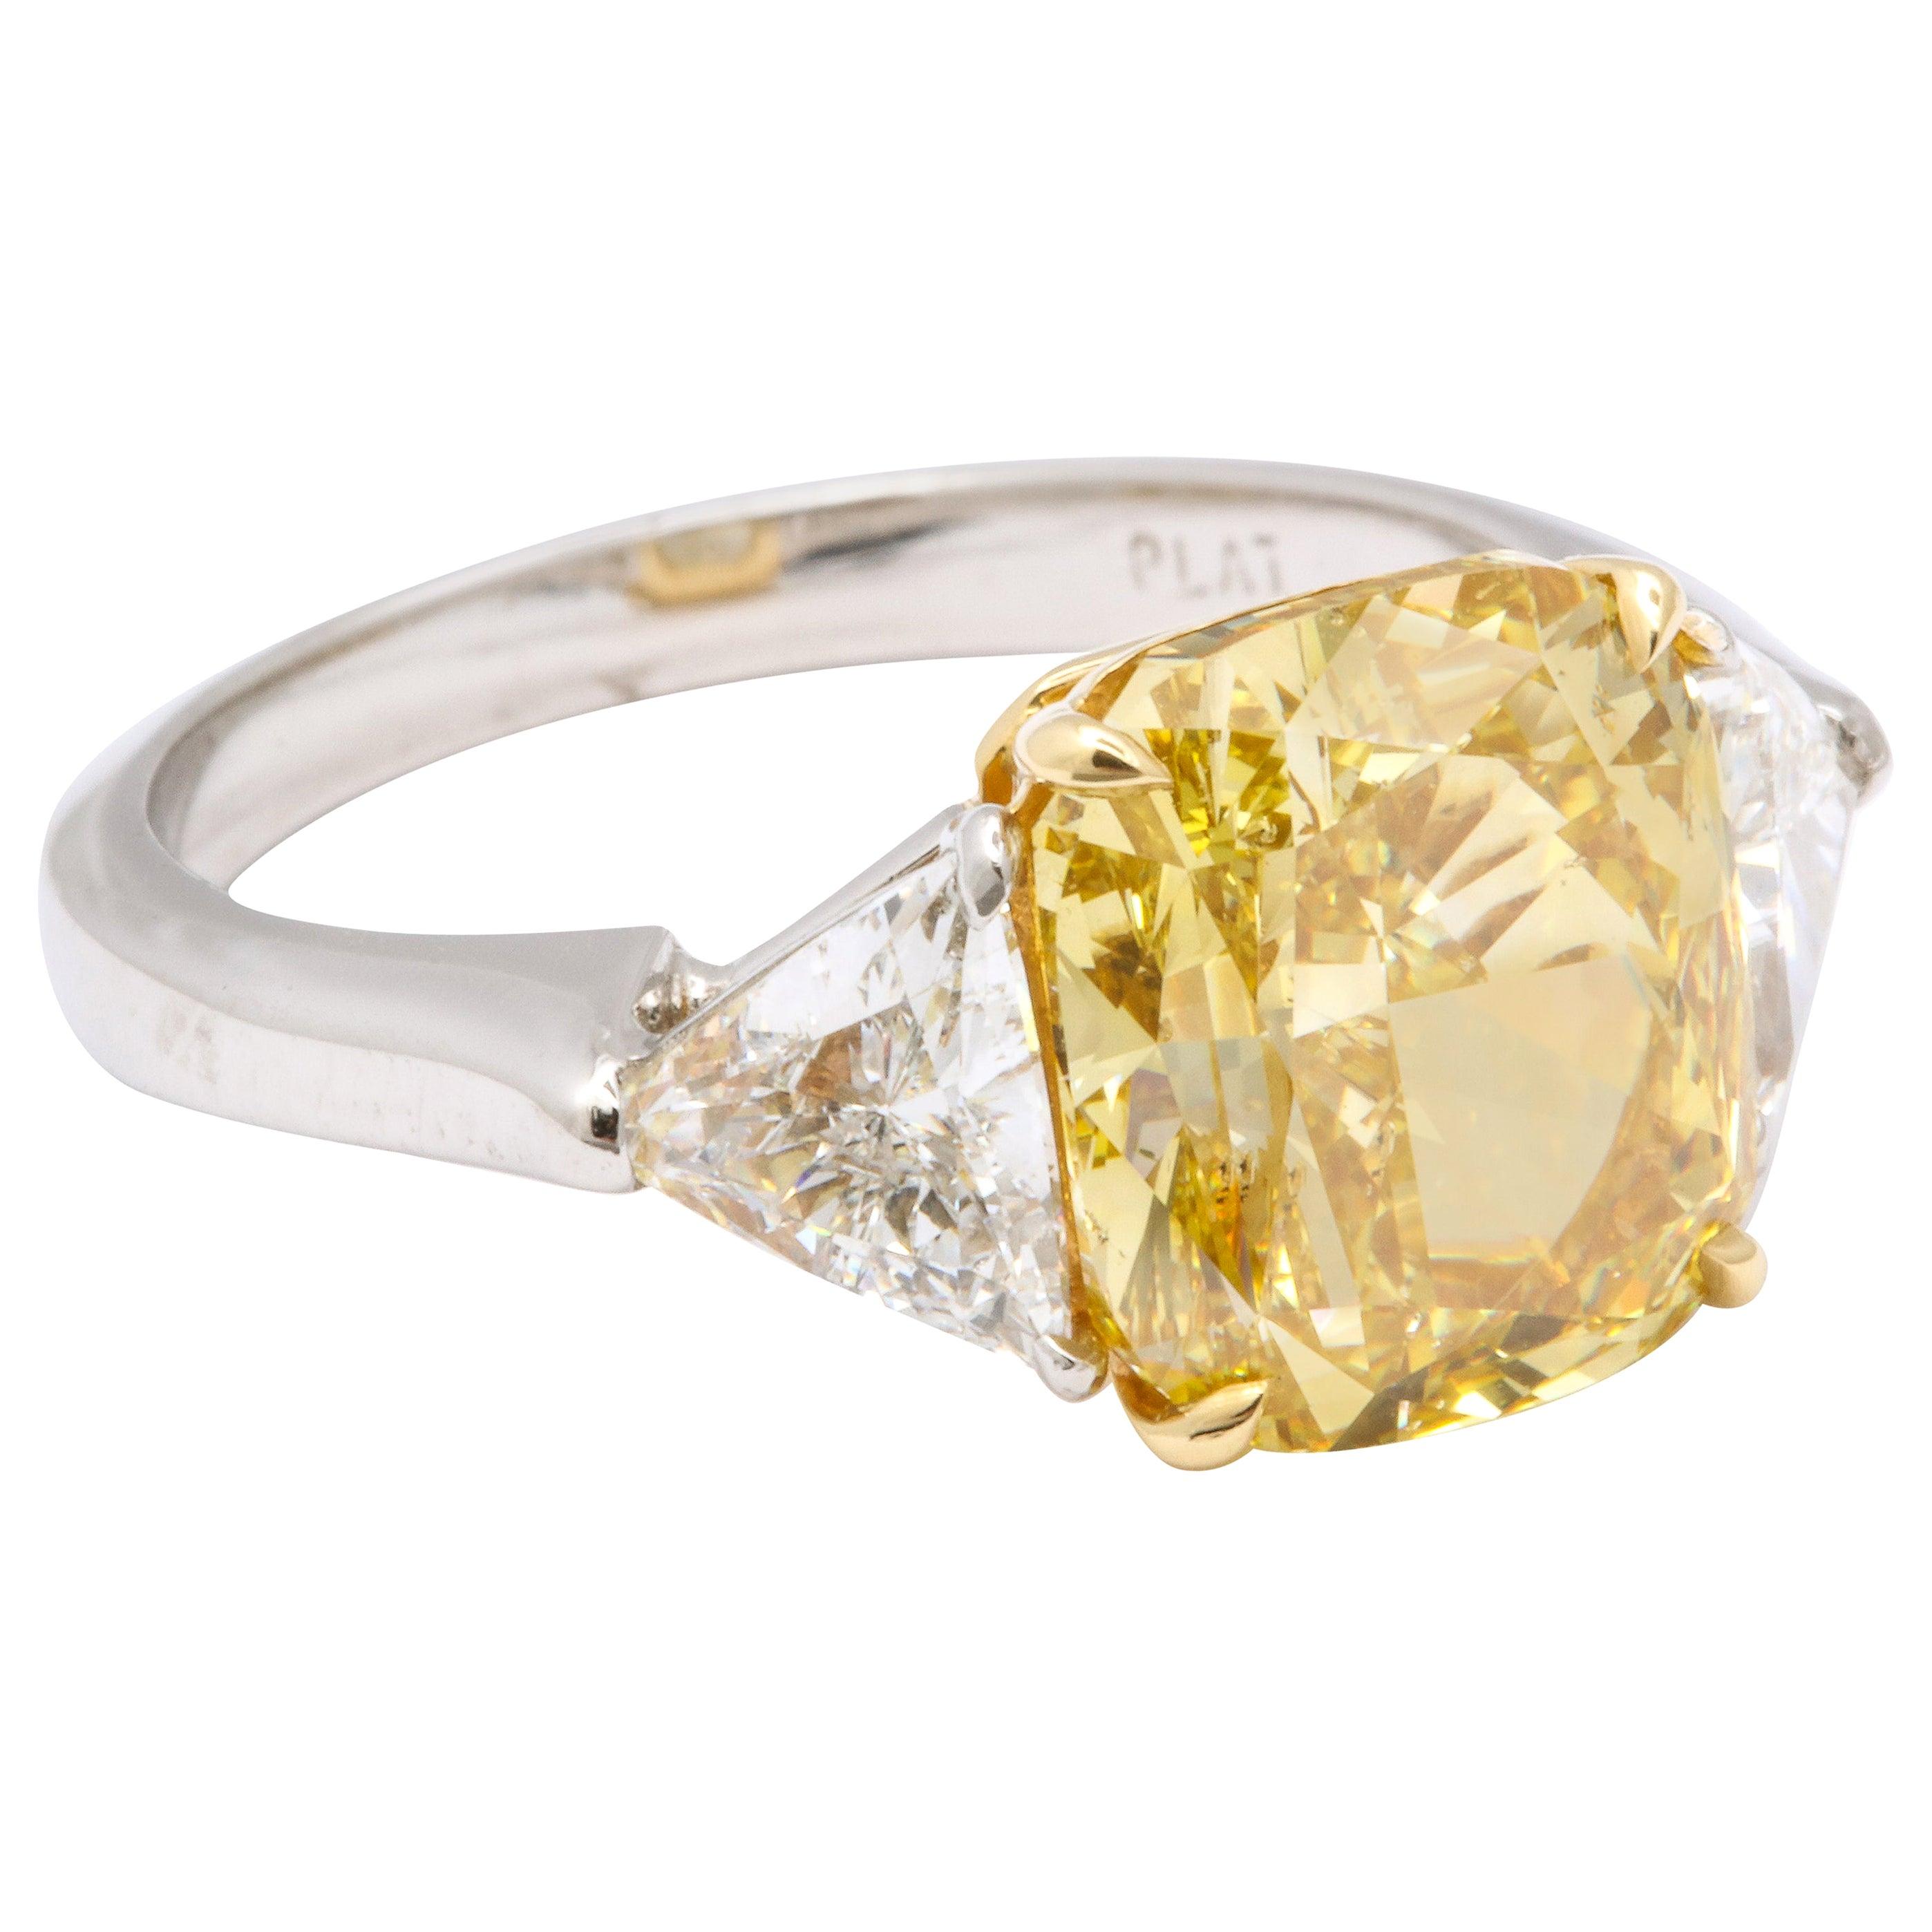 GIA Certified 4 Carat Fancy Intense Yellow Diamond Ring